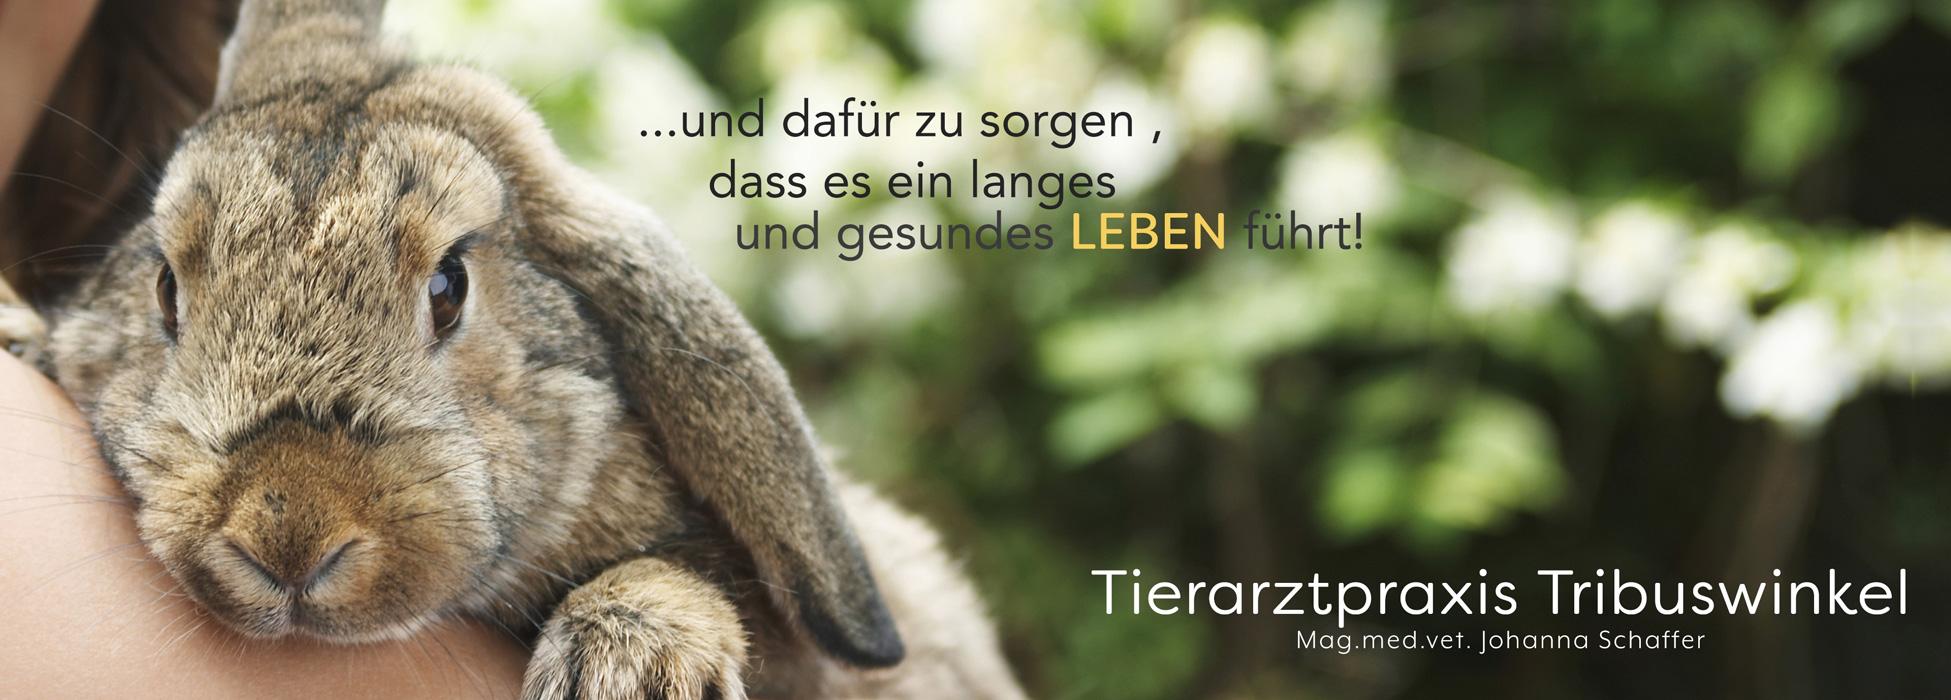 Tierarztpraxis Tribuswinkel